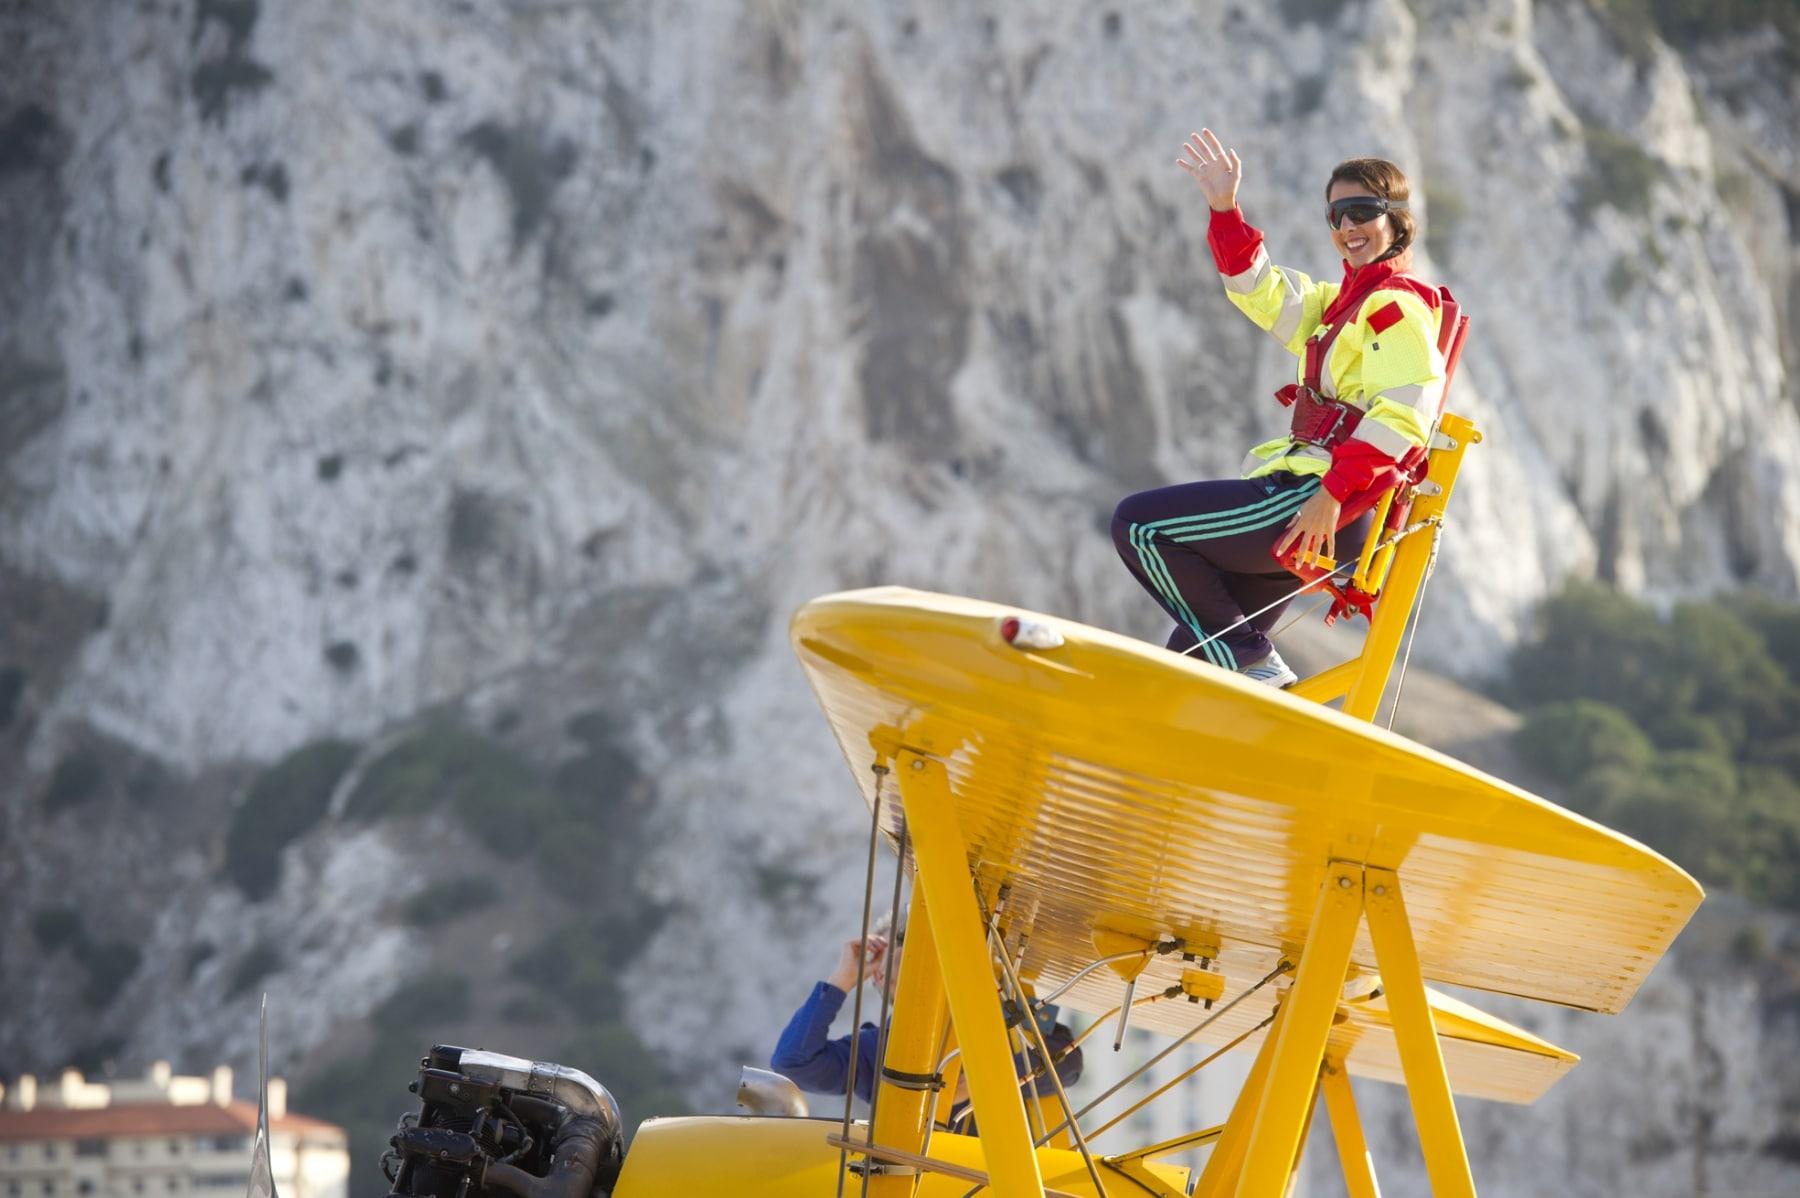 tom-lackey-acrobata-aereo-de-94-anos-en-gibraltar-10102014-25_15515851262_o